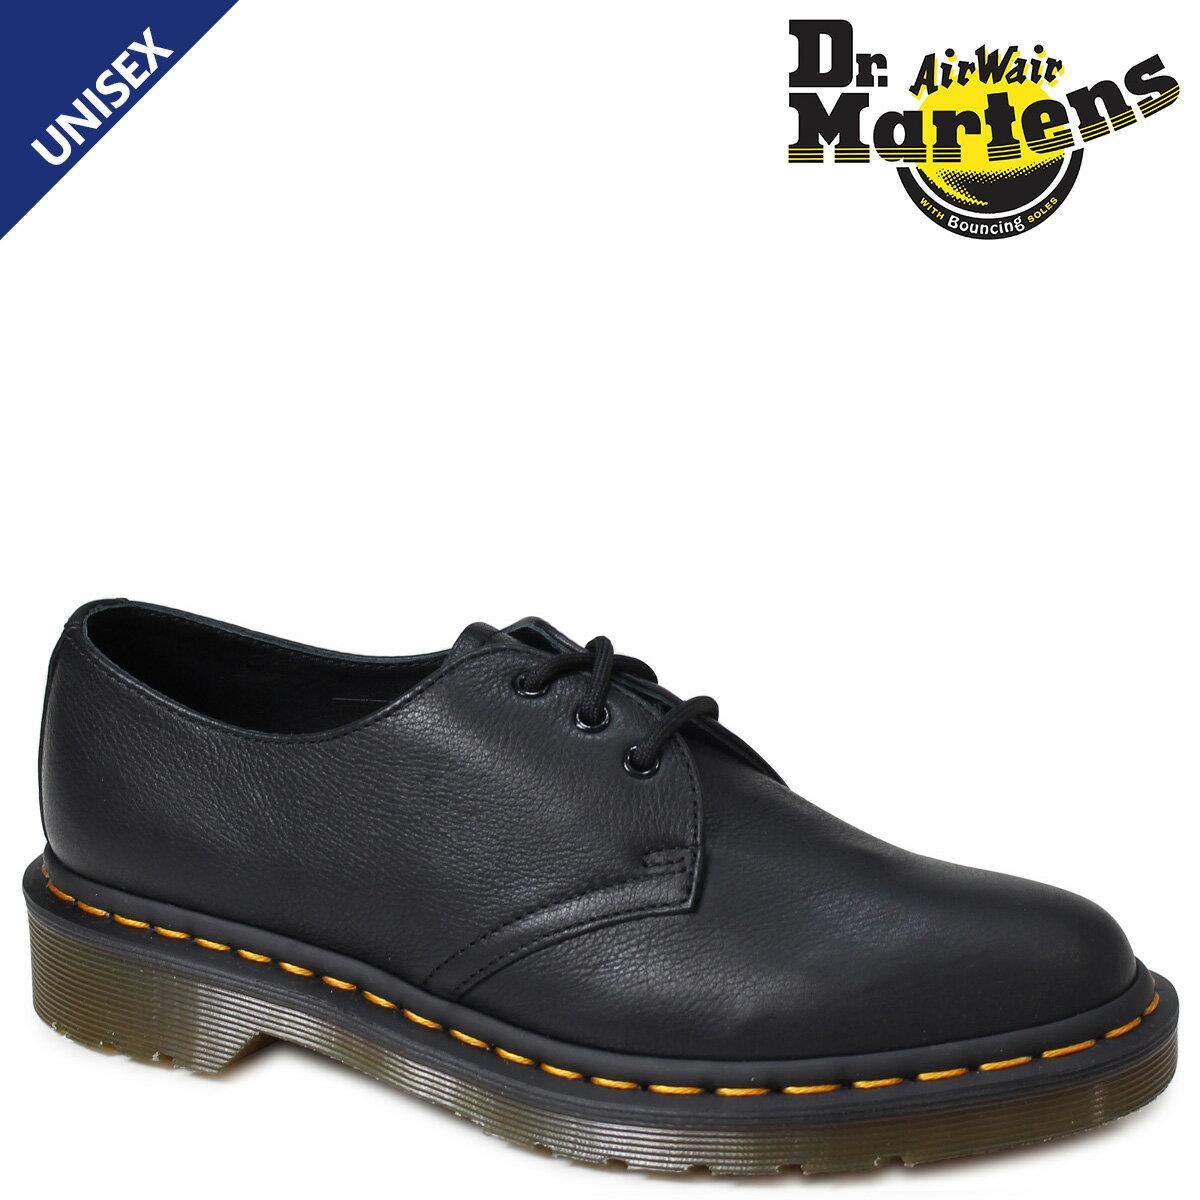 ドクターマーチン 3ホール 1461 レディース メンズ Dr.Martens 3アイレット シューズ WOMANS 3EYELET SHOE R20834001 ブラック